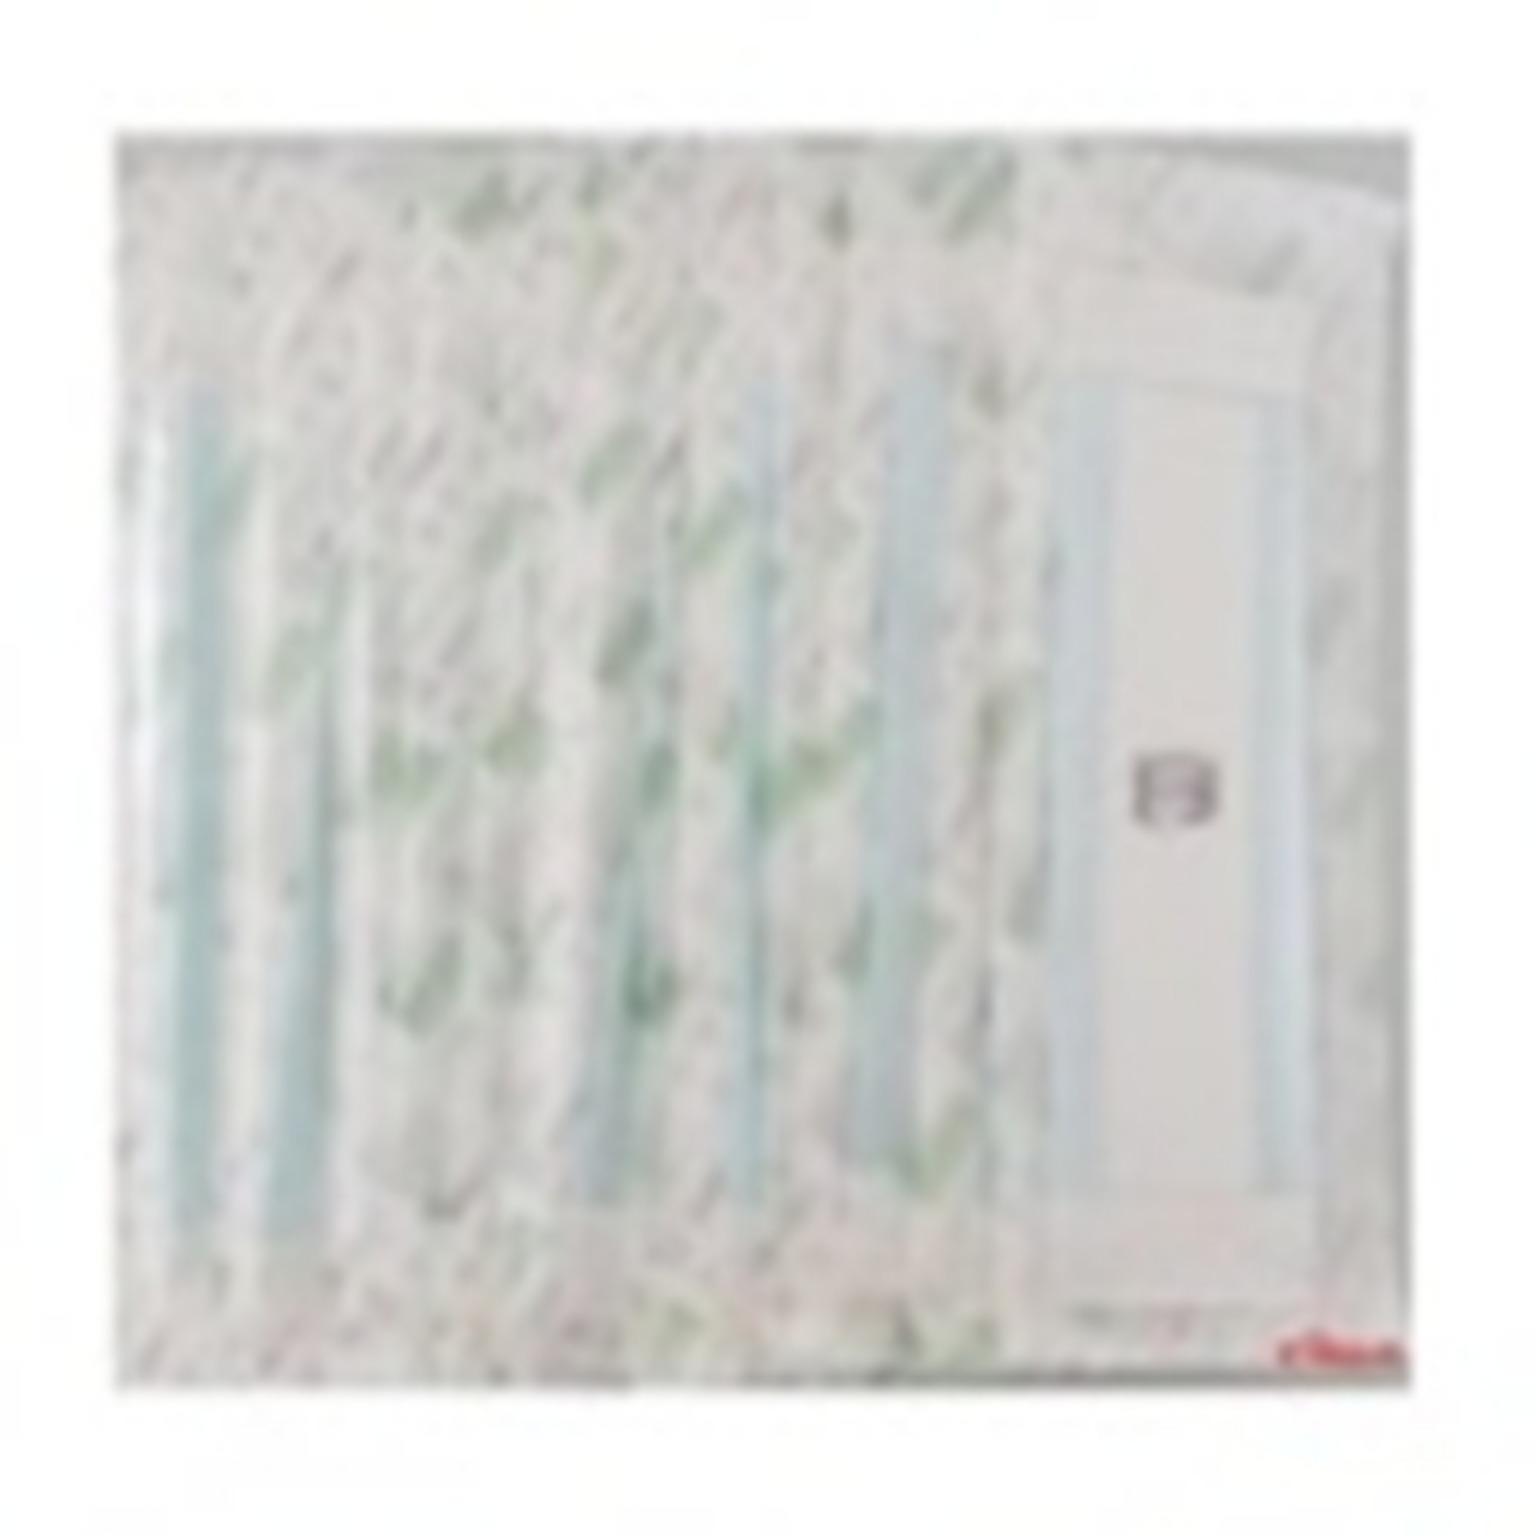 Bộ 1 miếng băng gạc vô trùng NEO-DRESSING (9x25cm)